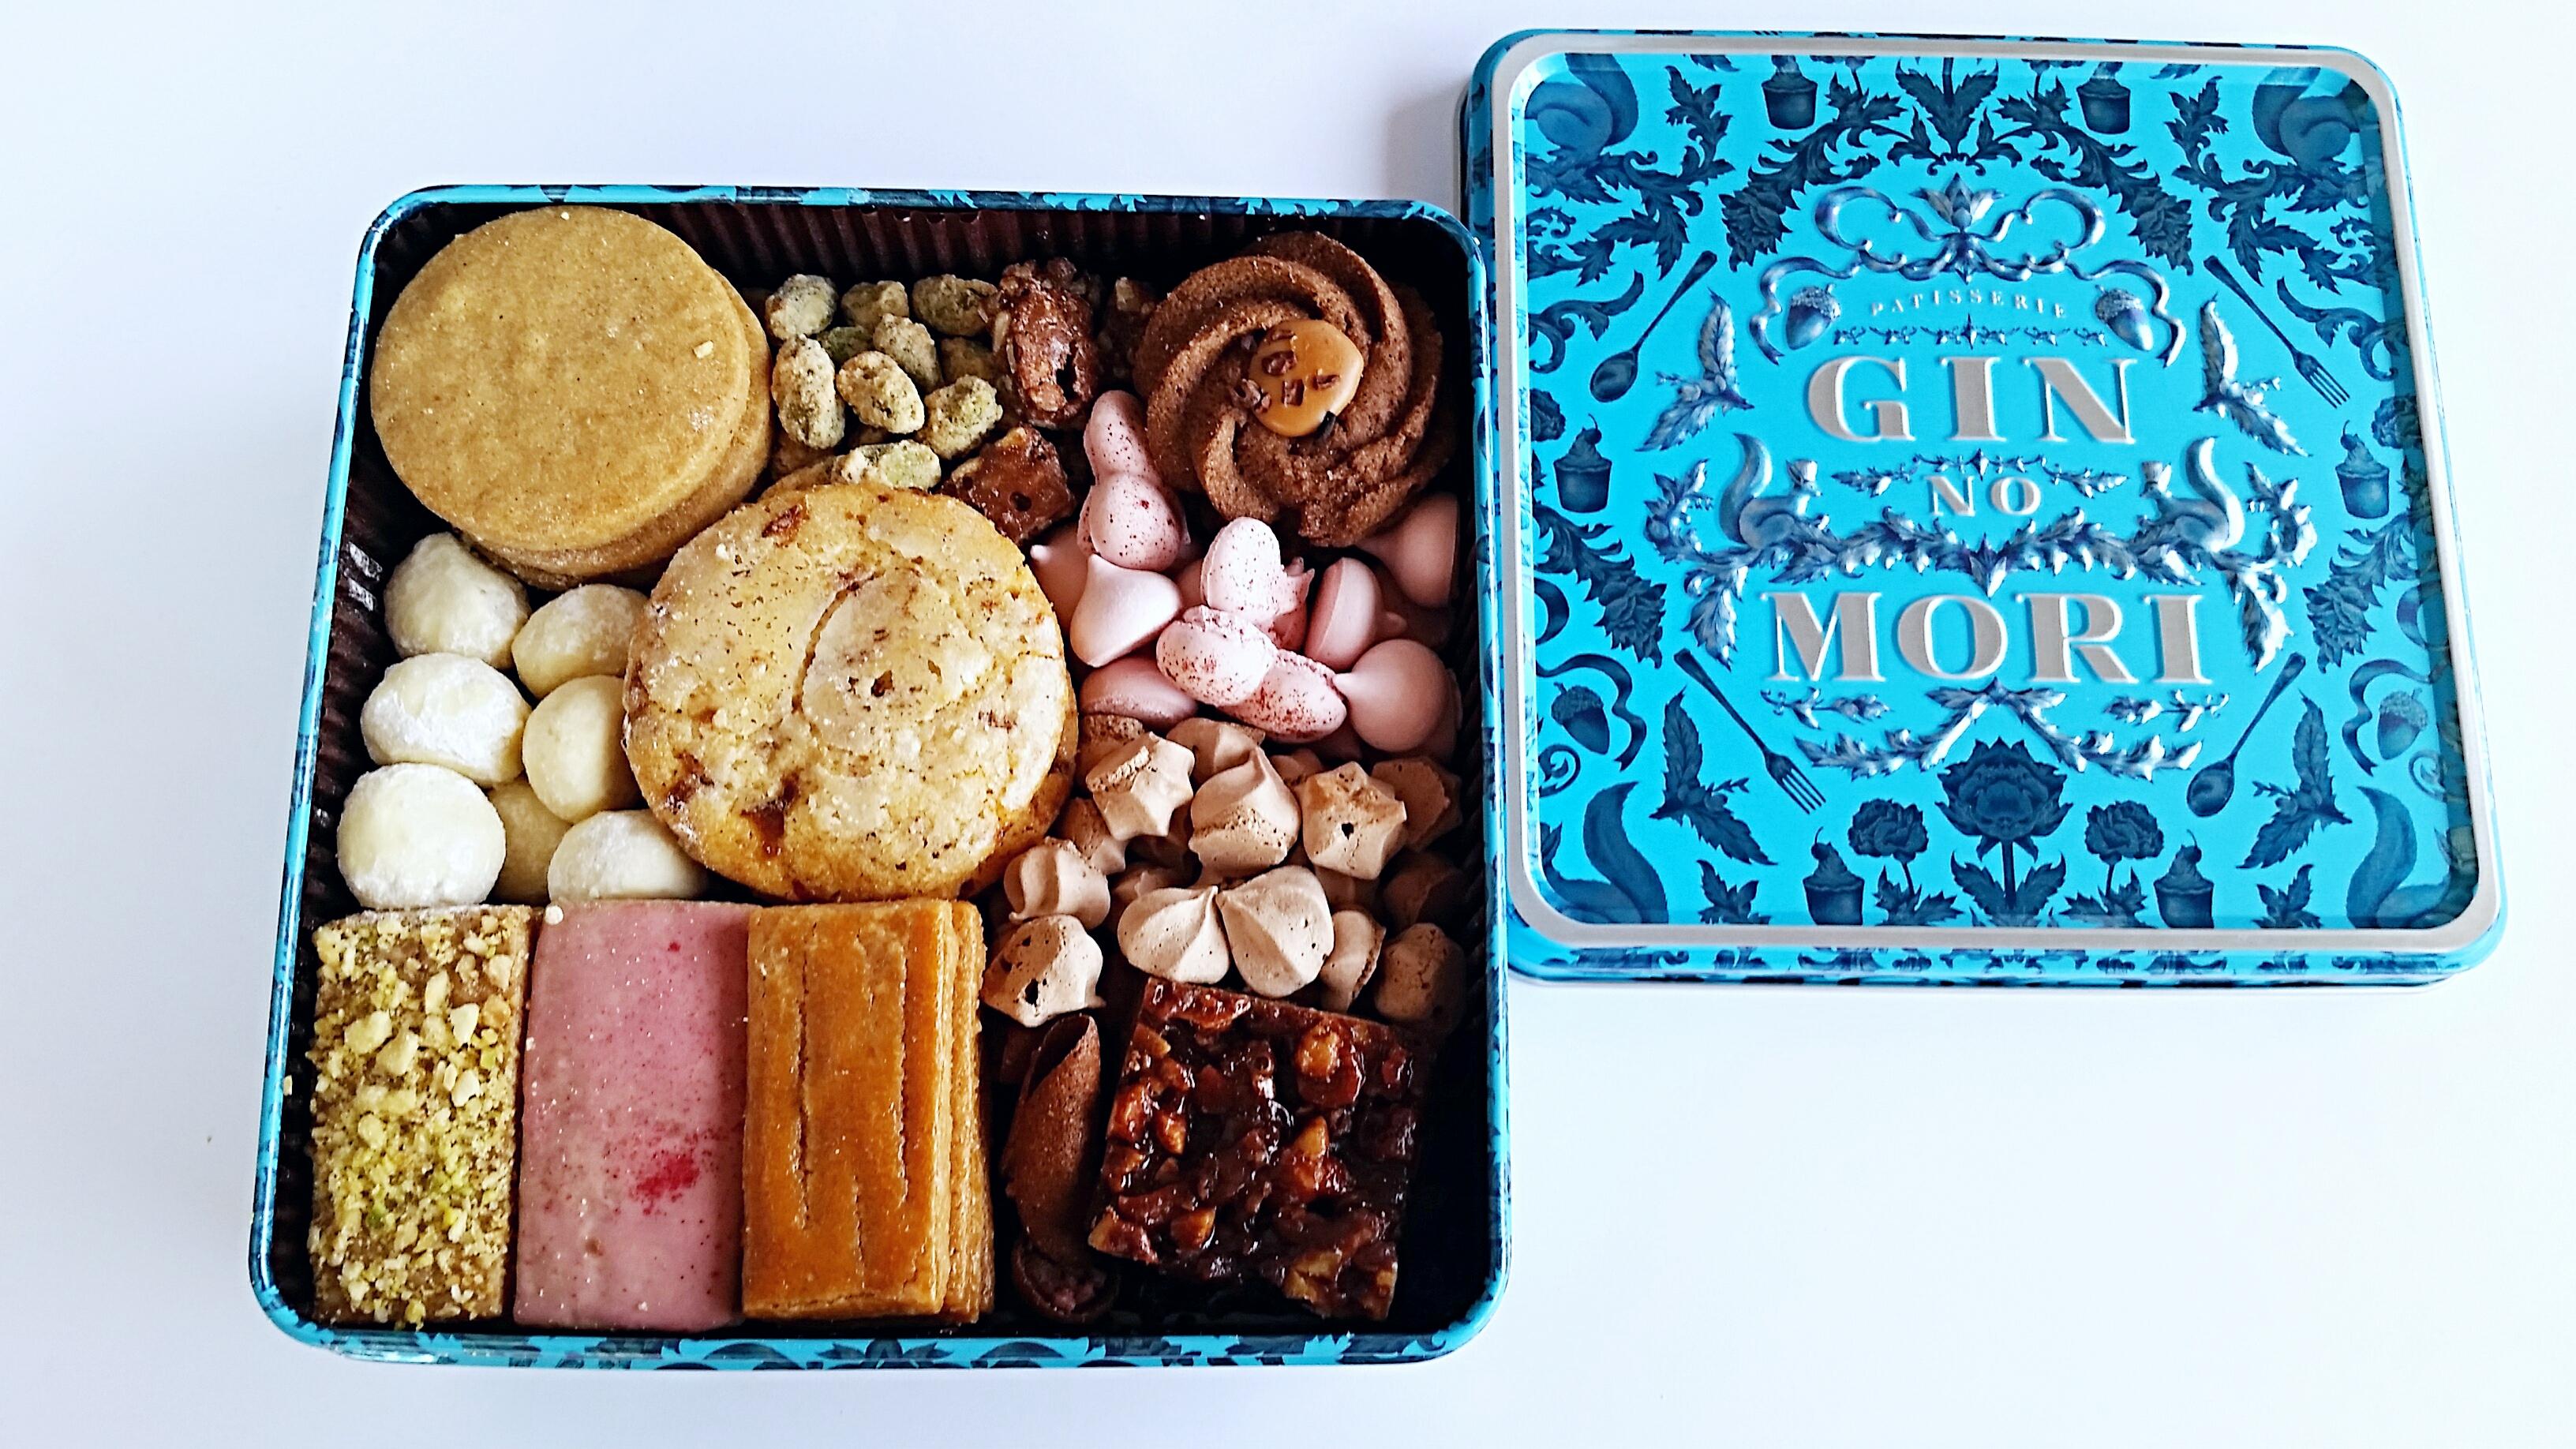 銀の森のクッキー【プティボワ】冬限定のクッキー館は、寒い季節に合わせてスパイスなどを使ったクッキーが多く詰め合わせされています